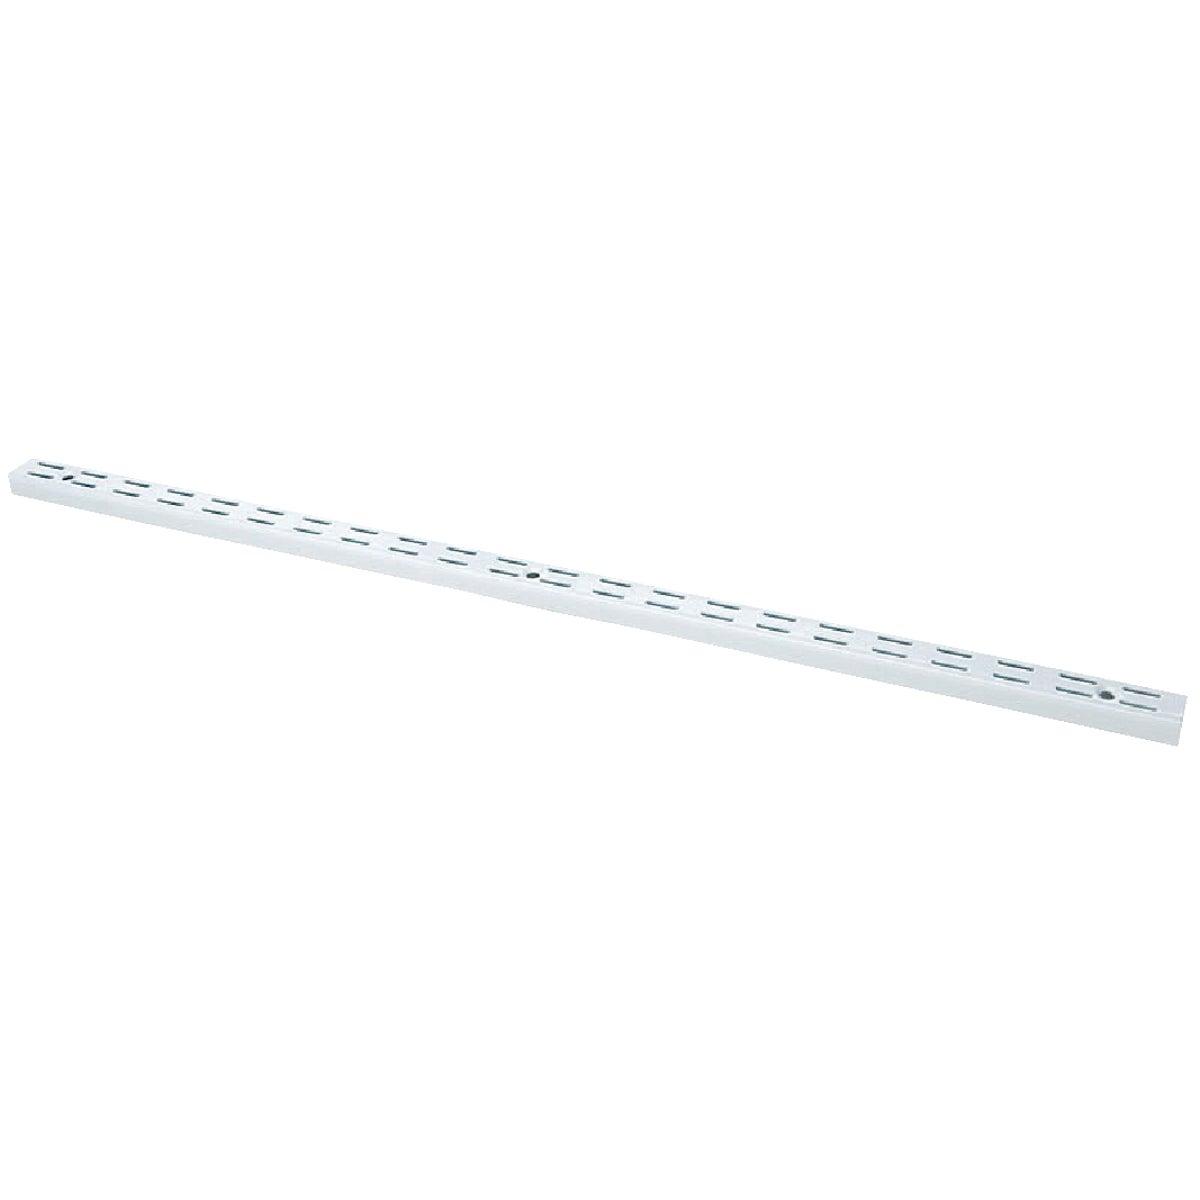 Standard Wall-Mounted Upright, 7913306311